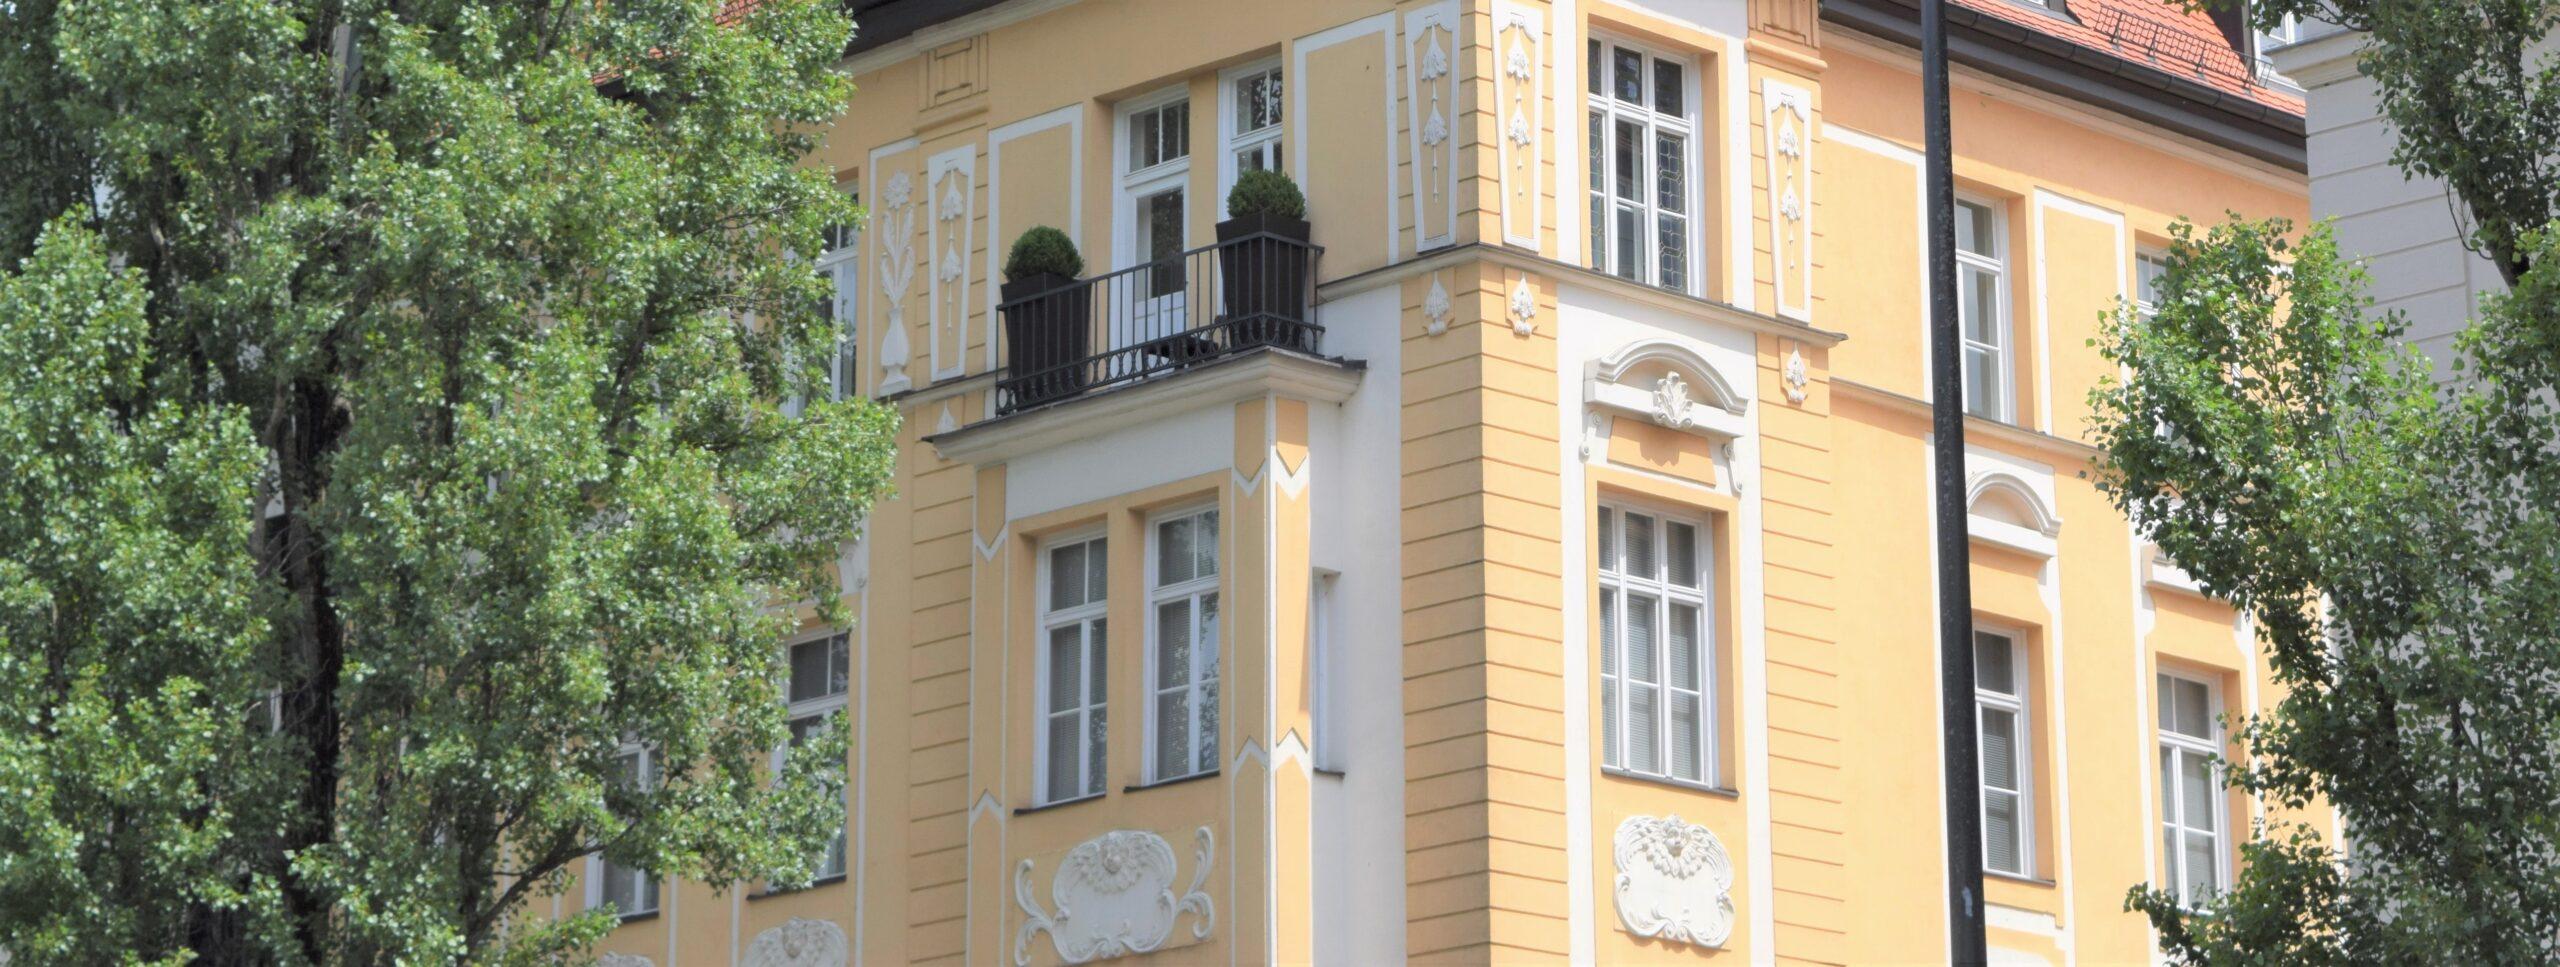 Full Size of Bodentiefe Fenster Geteilt Verkufe Immobilien Jutta Stahl Drescher Günstig Kaufen Sicherheitsbeschläge Nachrüsten Fliegennetz Preisvergleich Braun Wohnzimmer Bodentiefe Fenster Geteilt